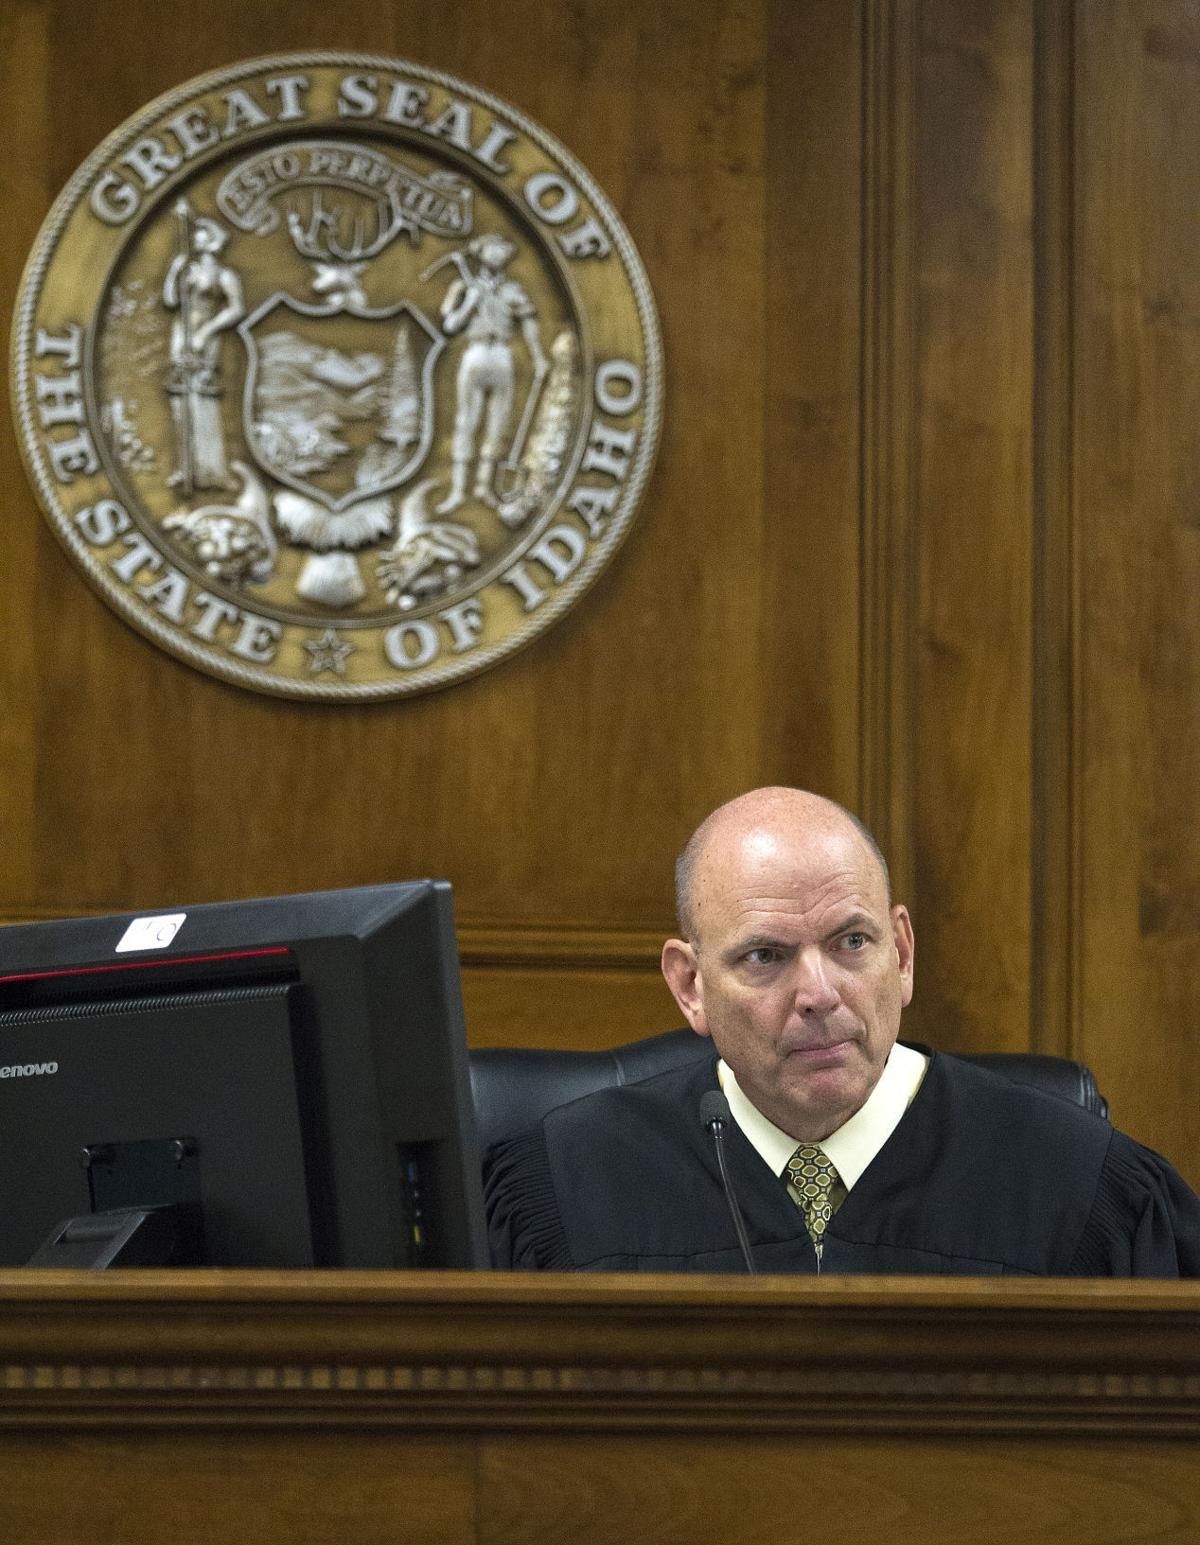 William Jansen arraignment